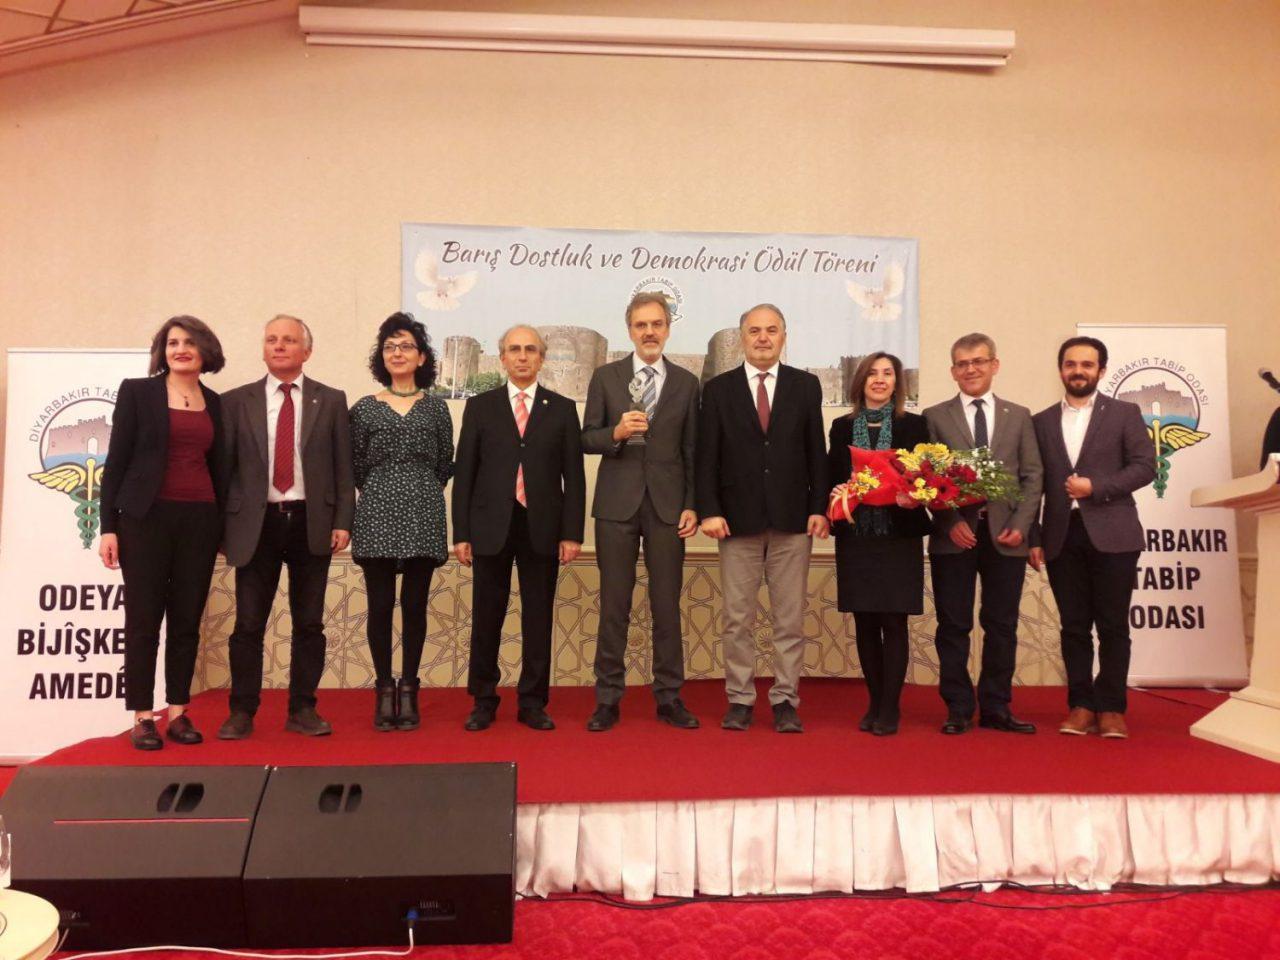 Tabipler Birliği'ne Diyarbakır'dan Barış, Dostluk ve Demokrasi Ödülü